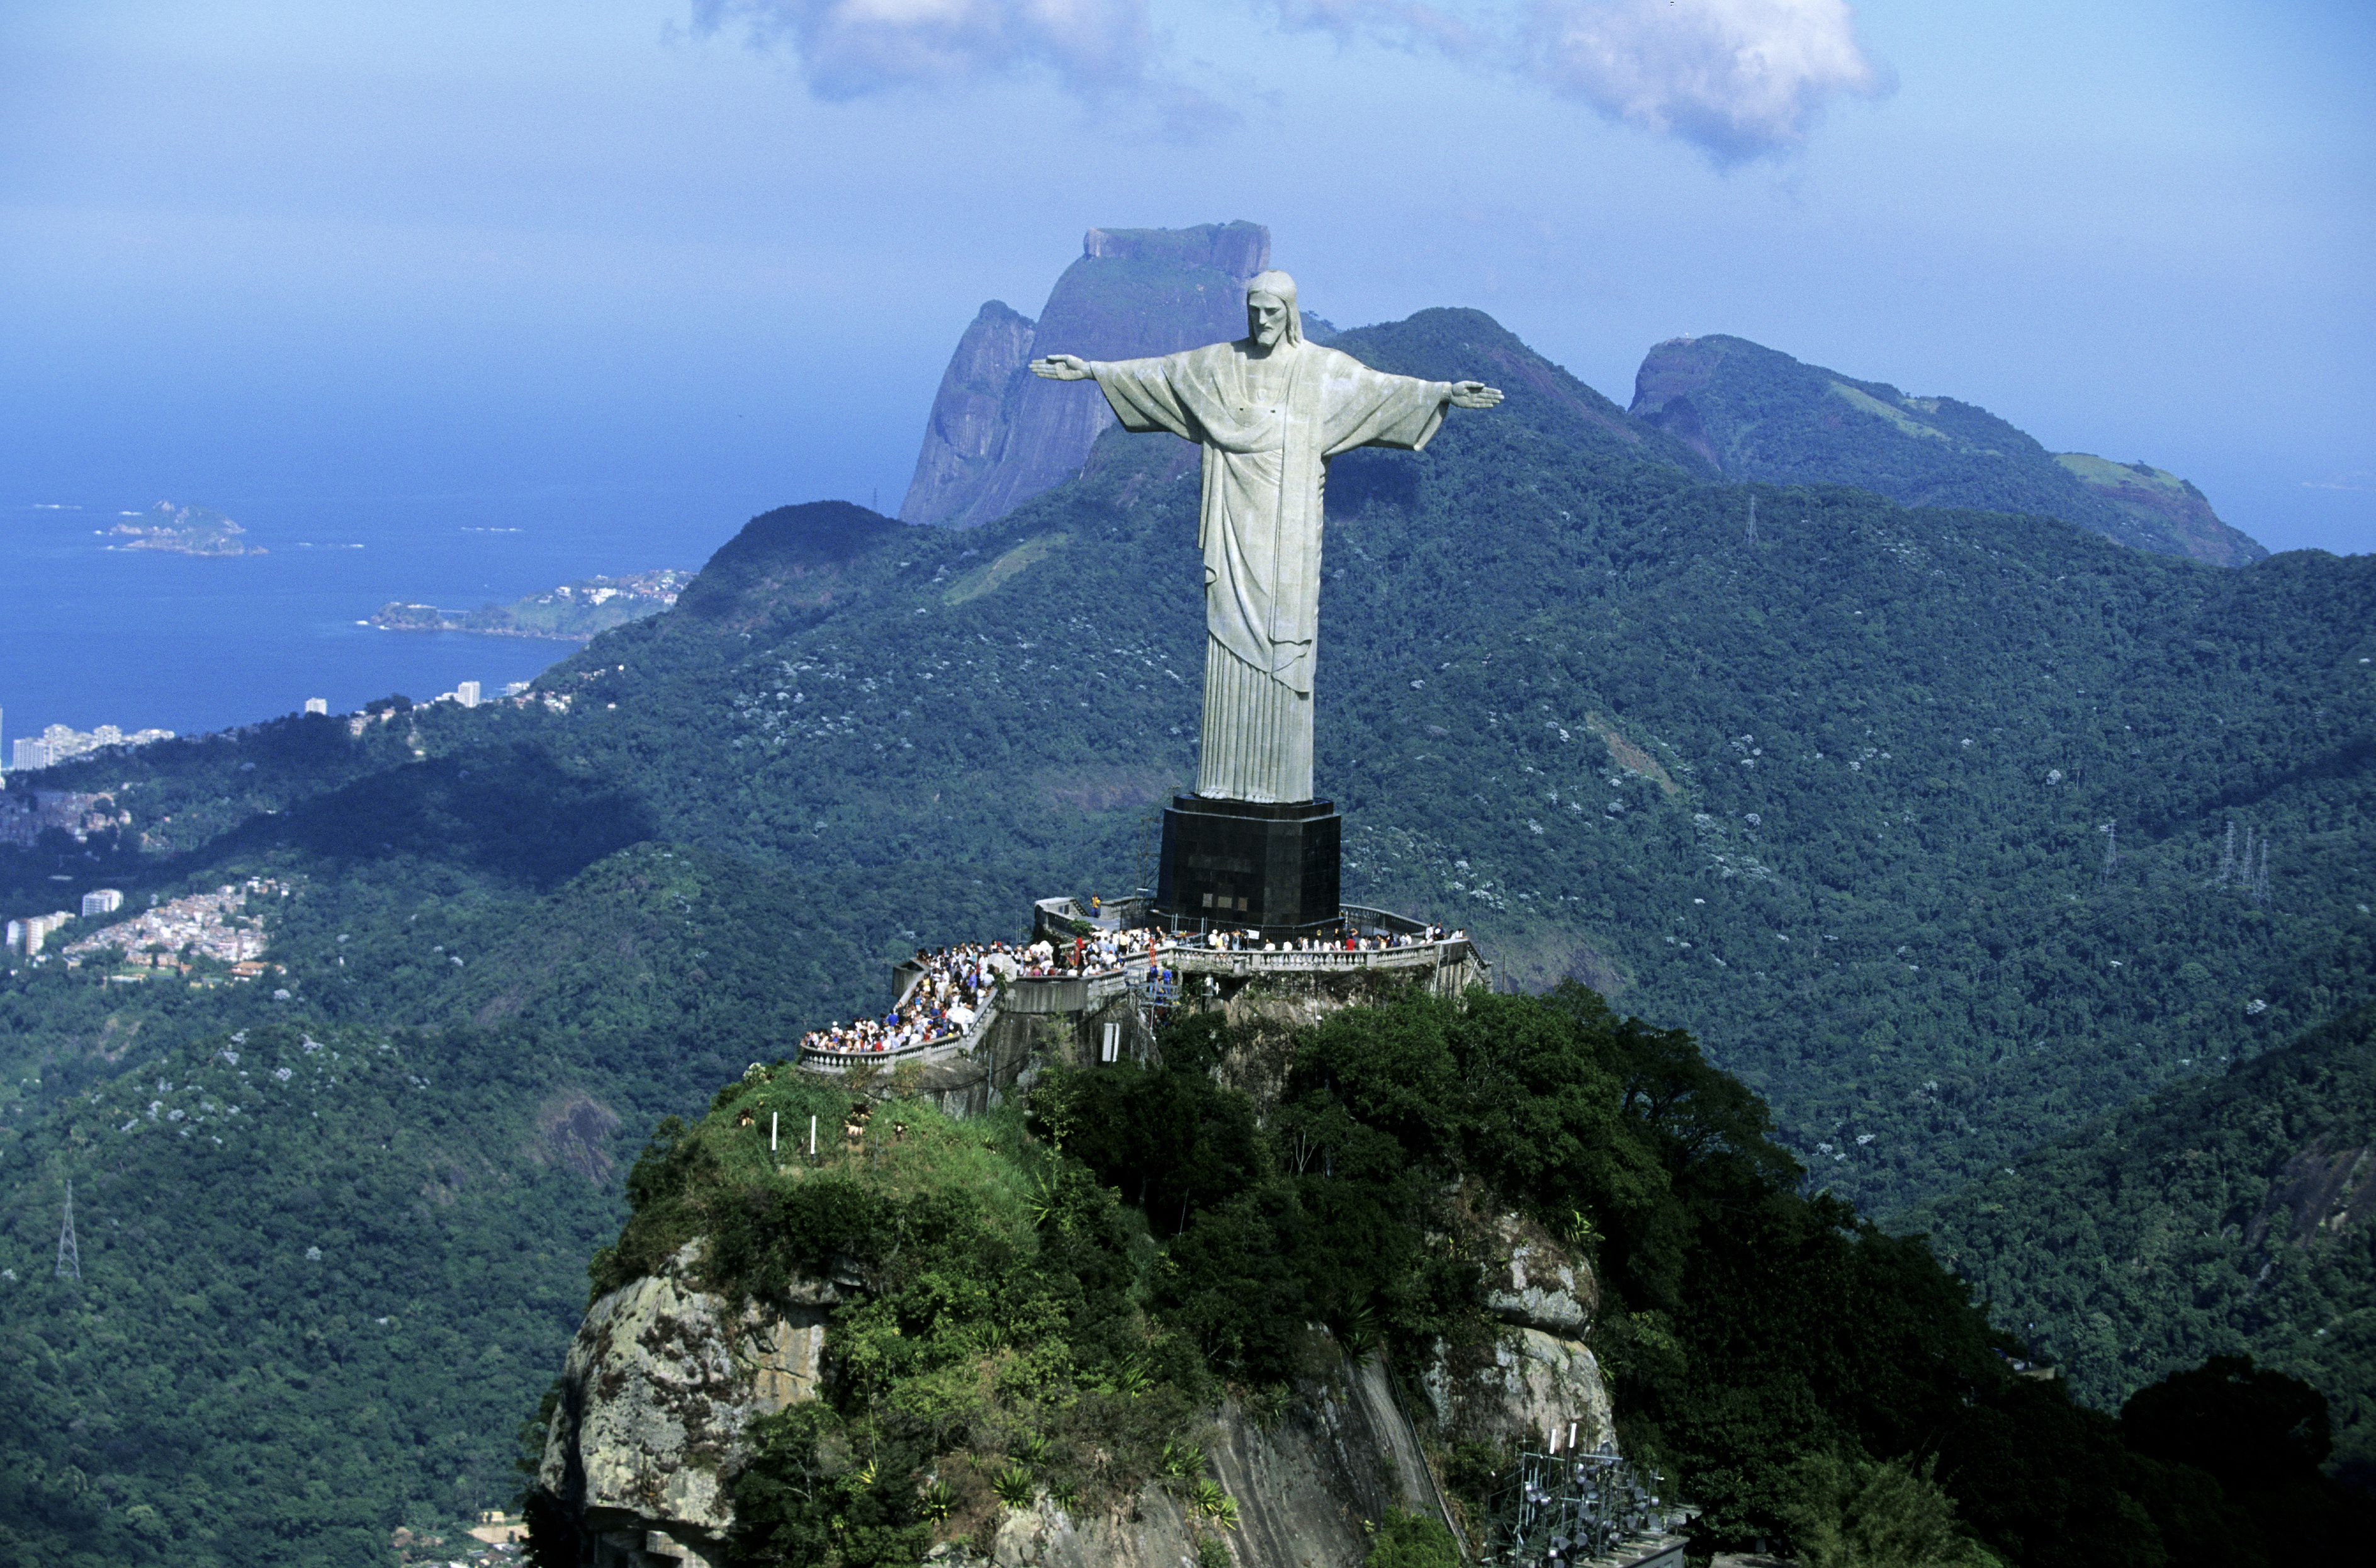 Christ Redeemer Statue in Rio de Janeiro, Brazil